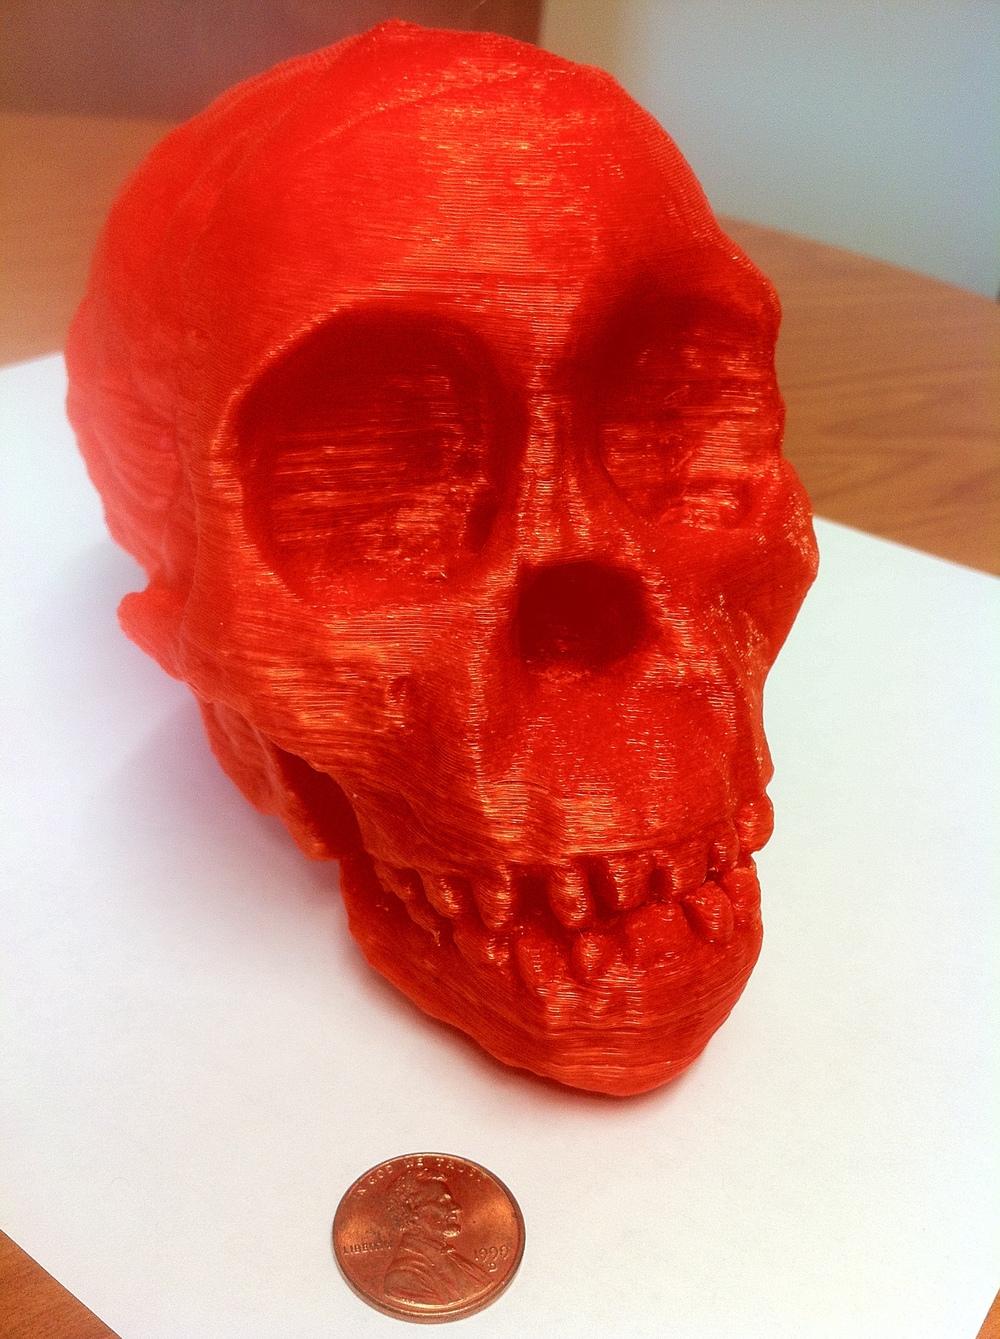 3D printed Australopithecus africanus